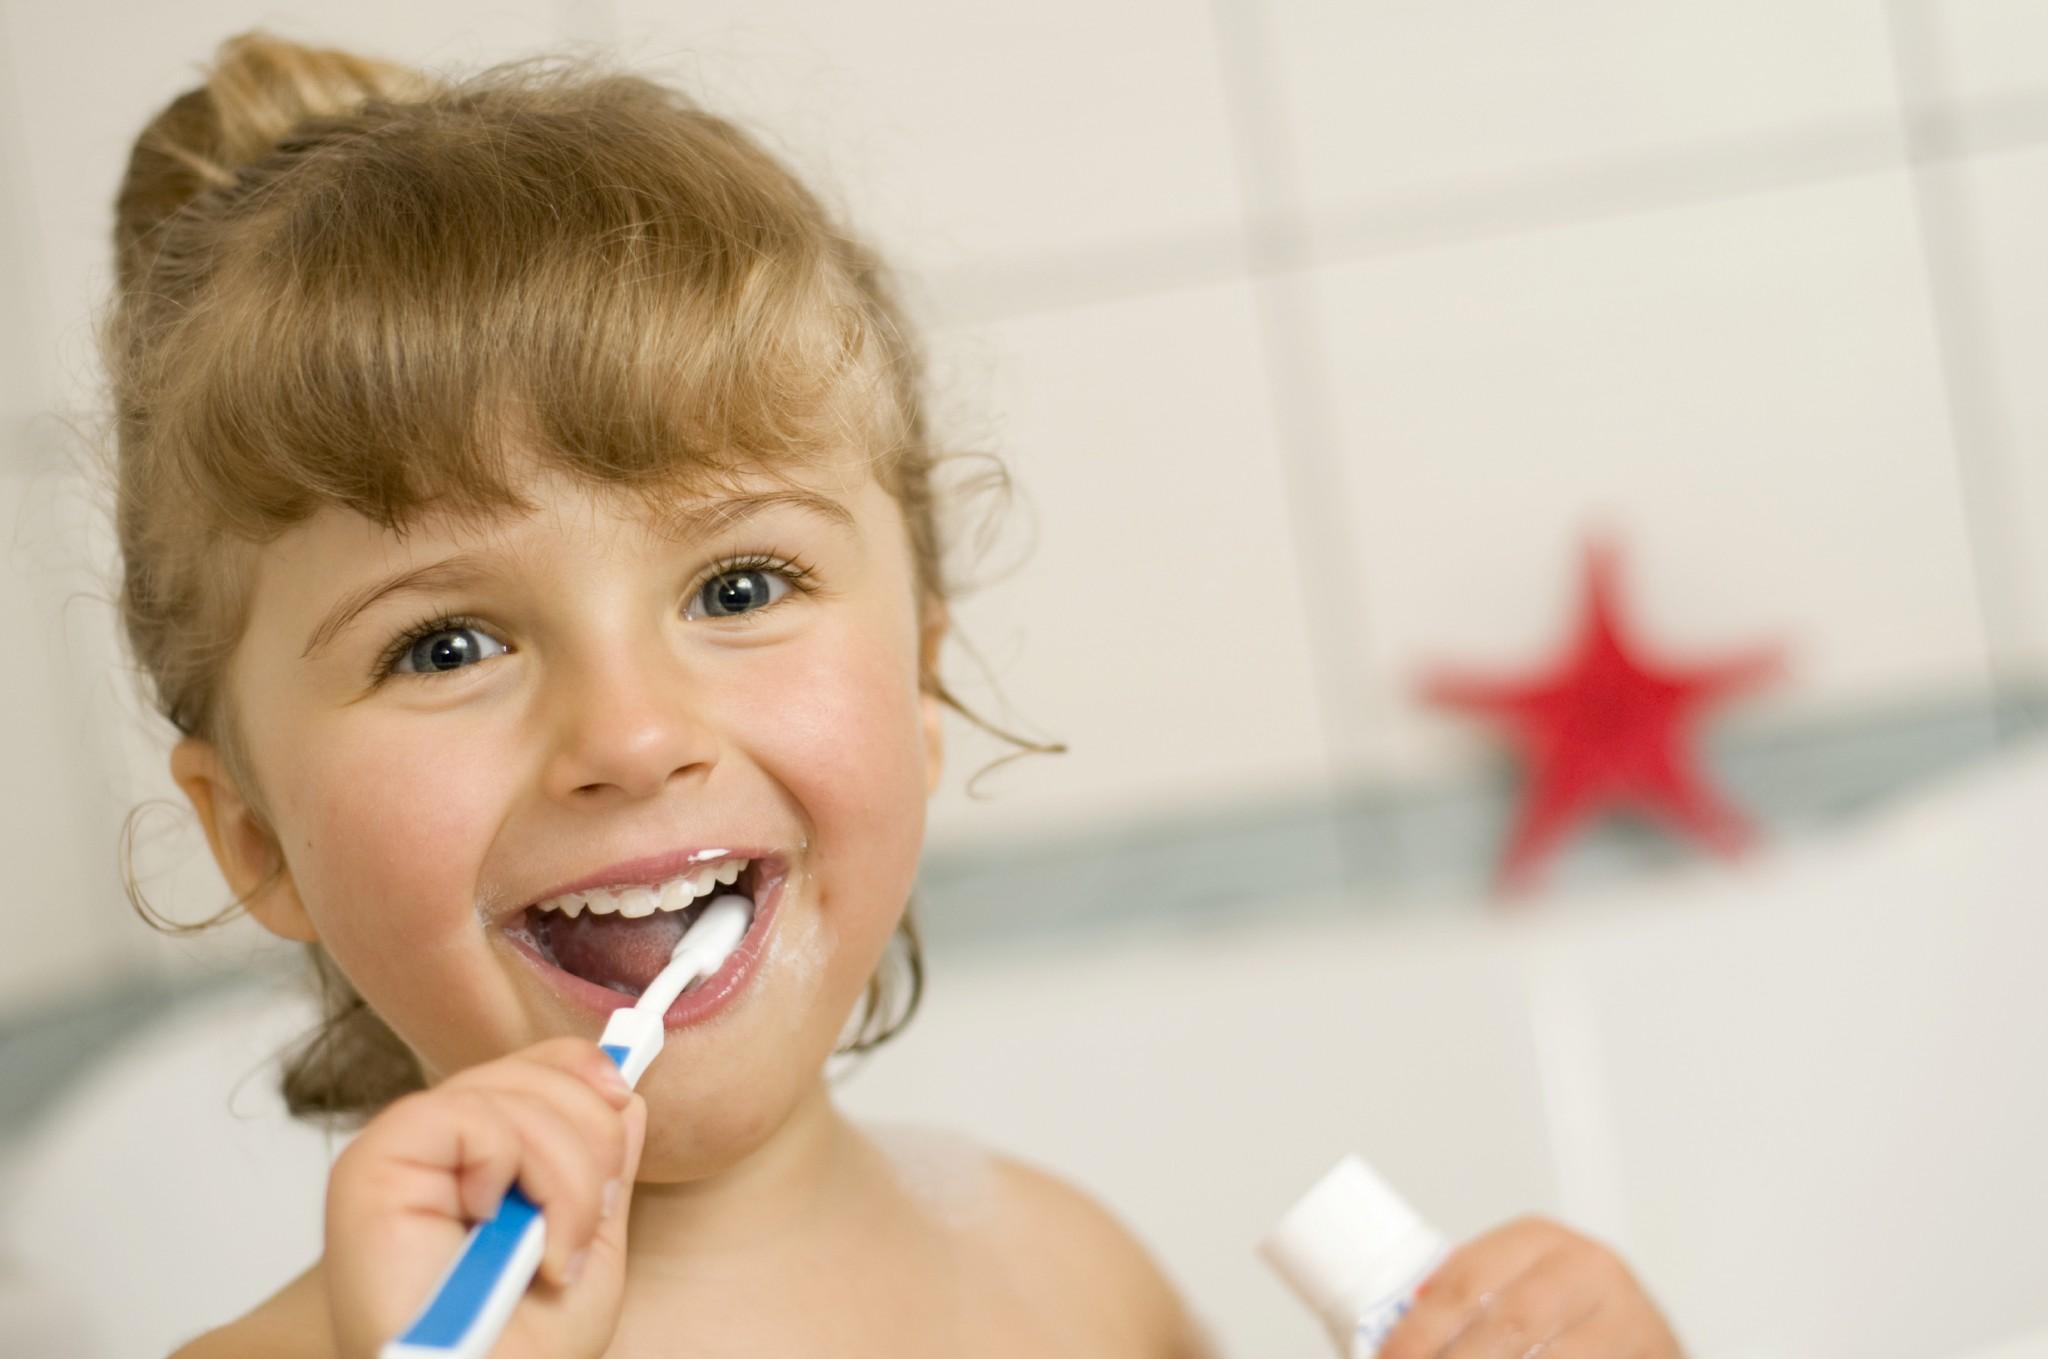 Почистить зубки не даёт 6 фотография